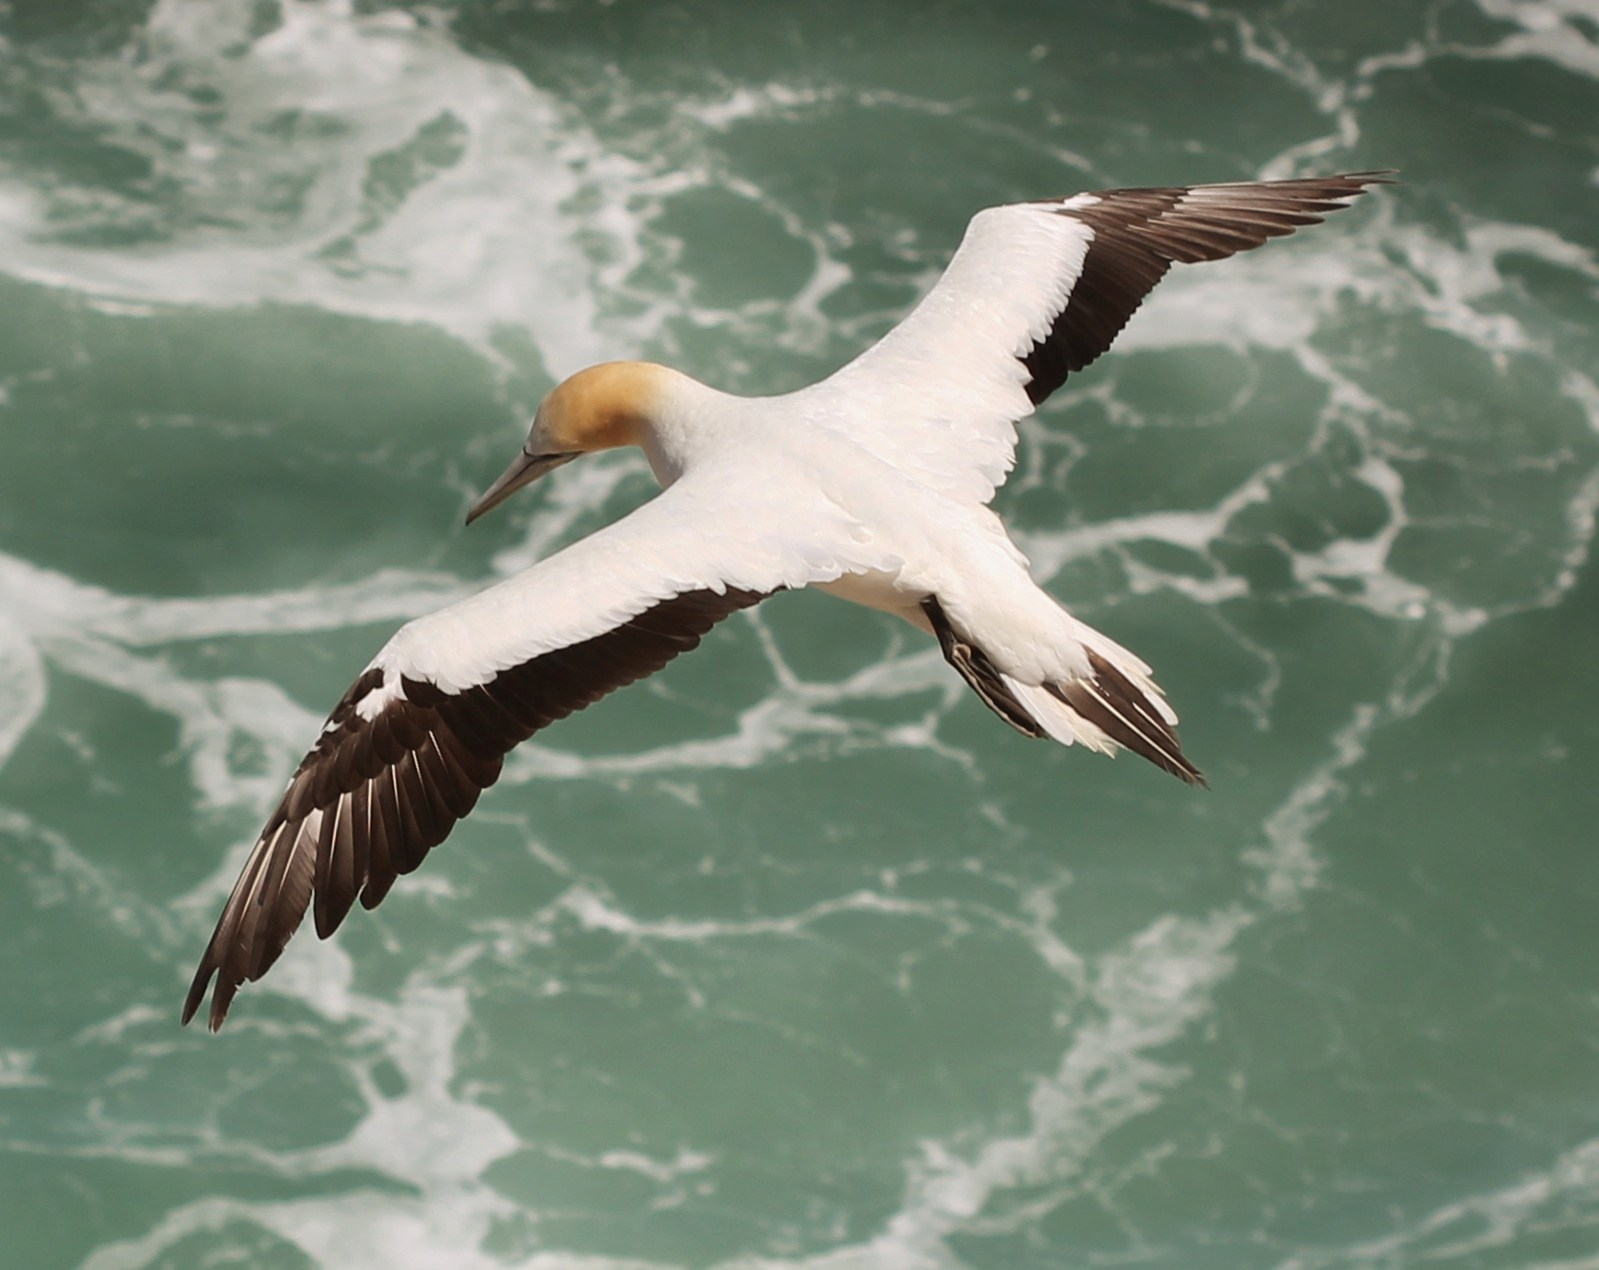 File:Australasian Gannet (Morus serrator) in flight, from above.jpg ...